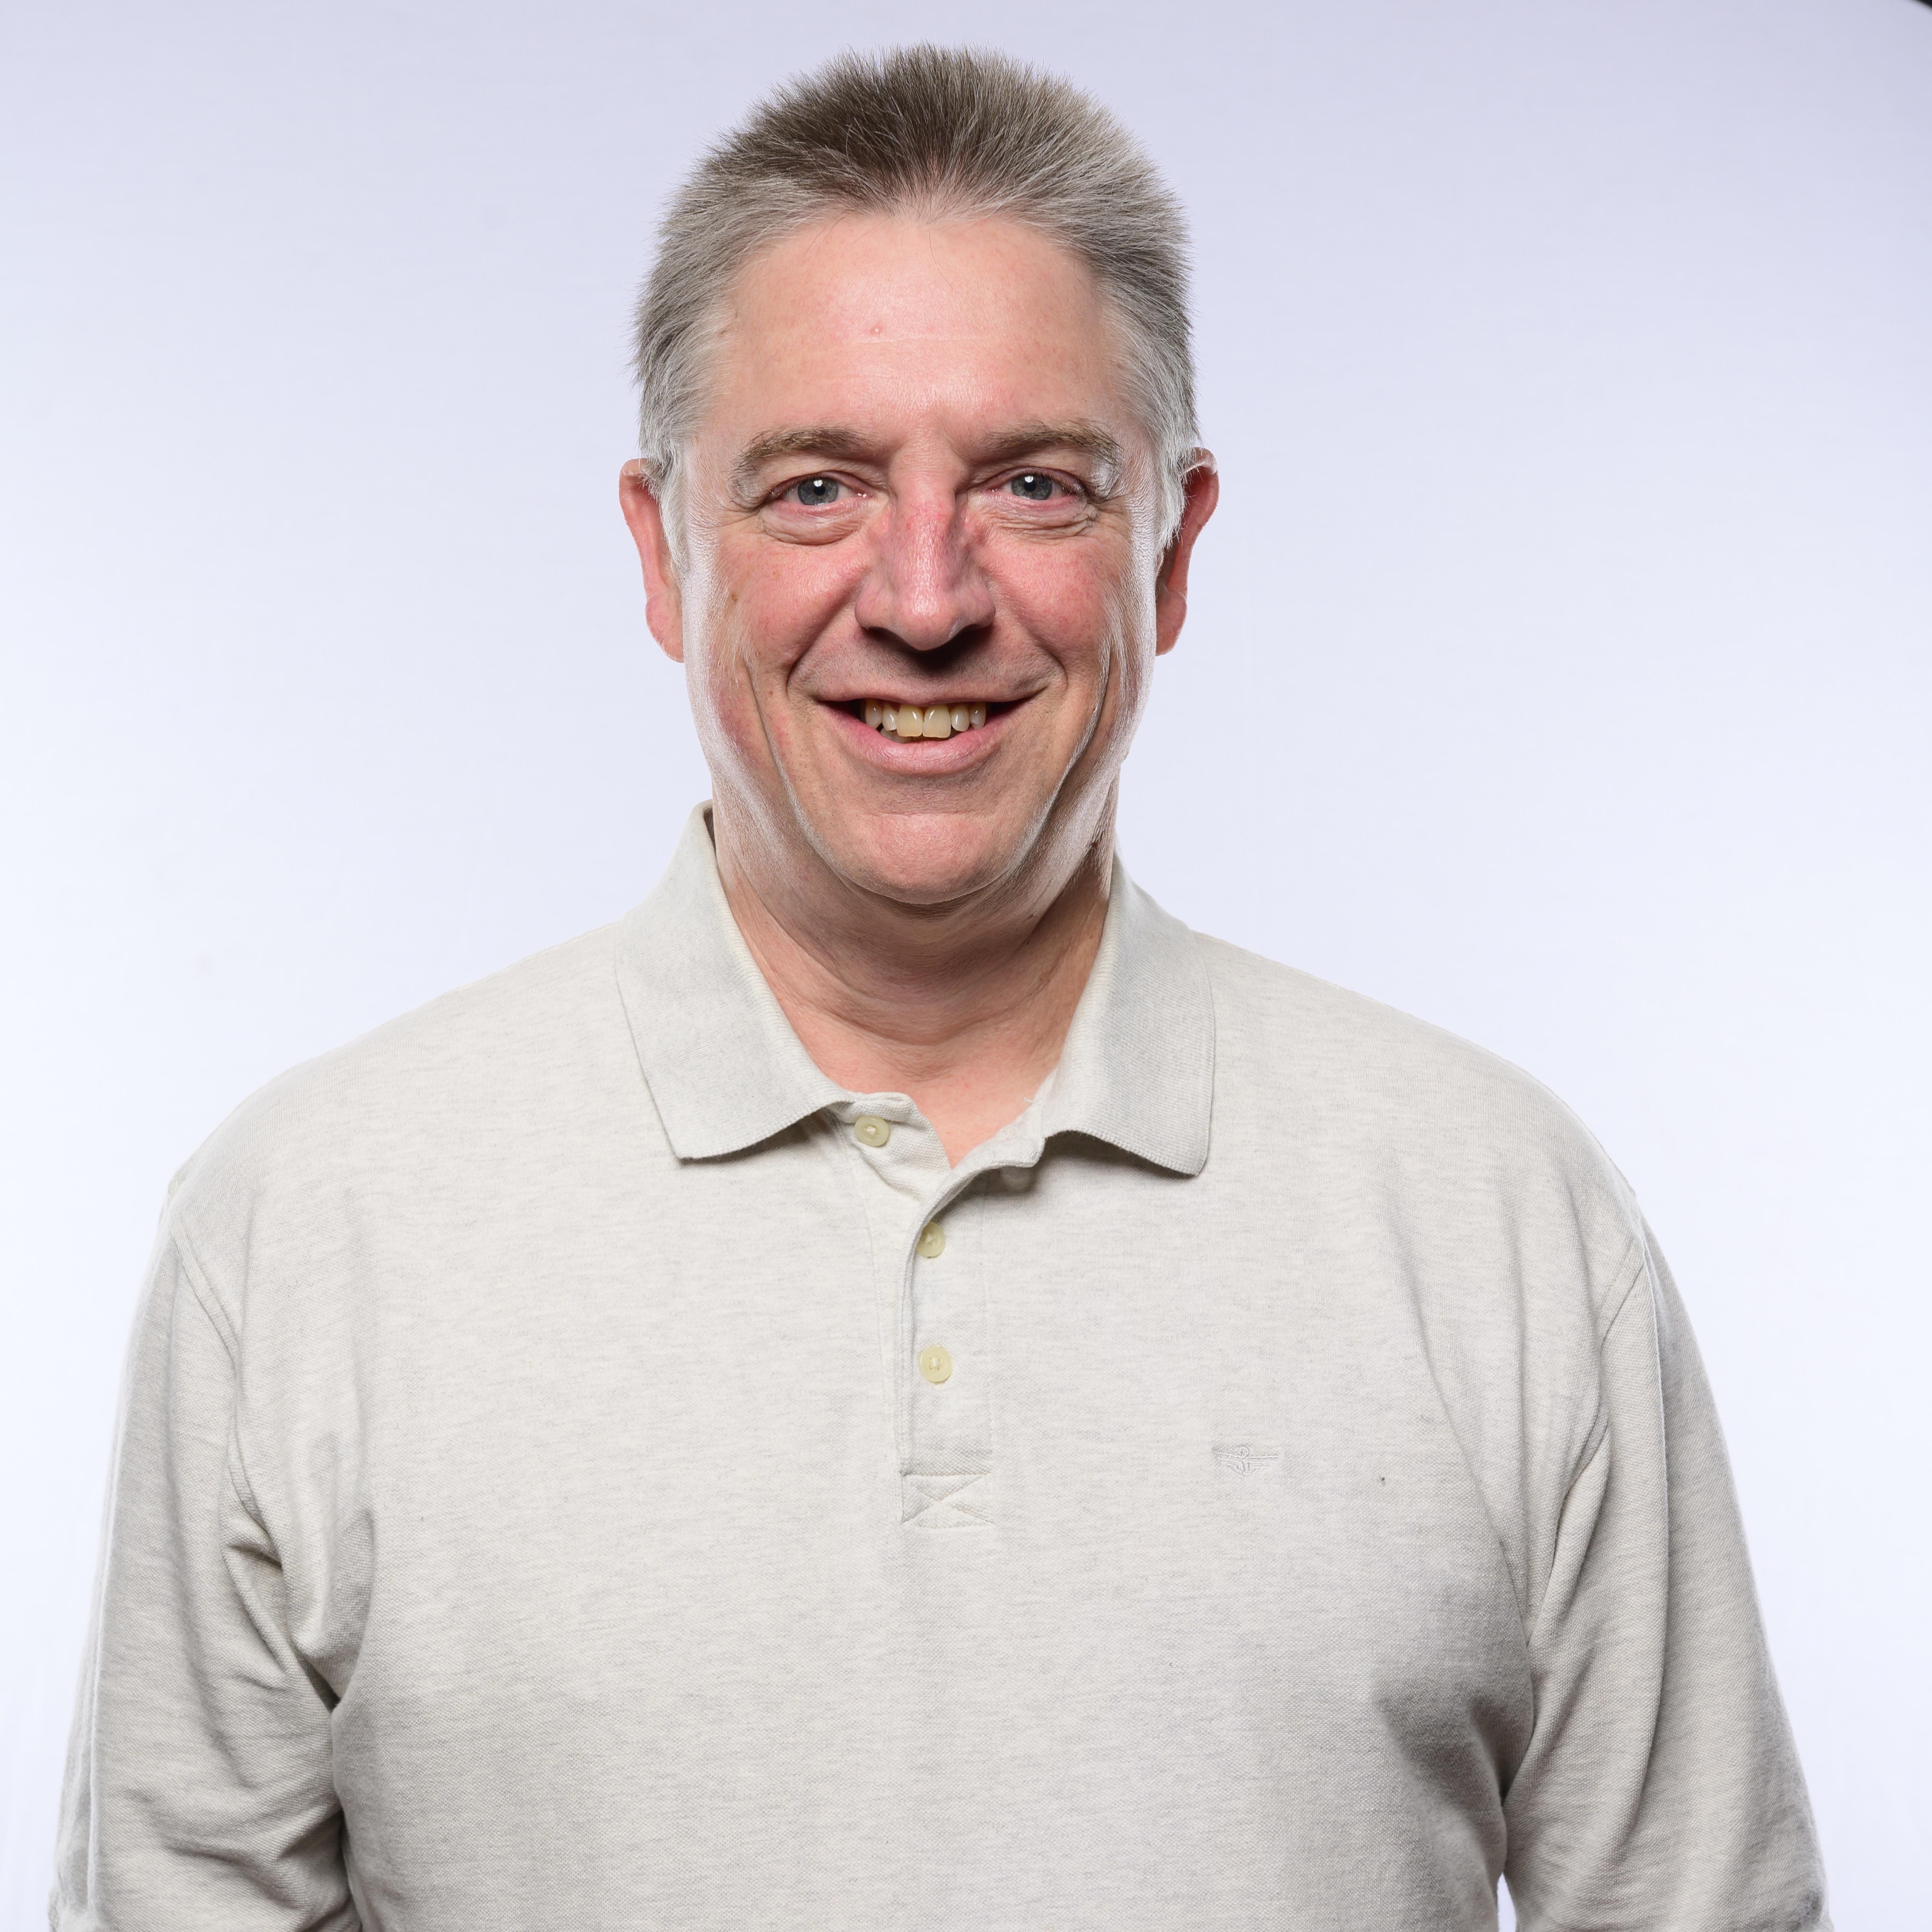 Steve Bowser